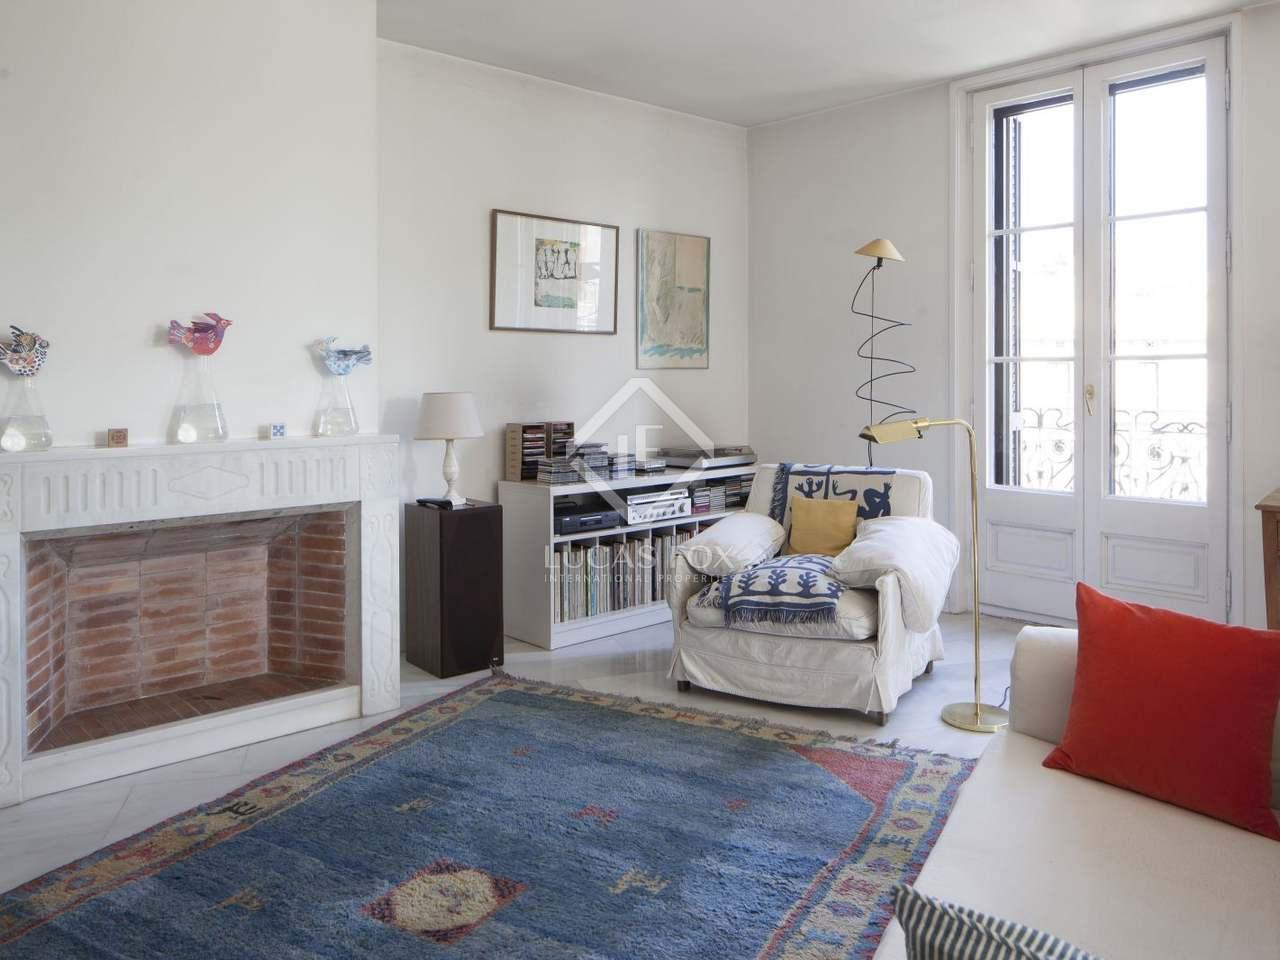 Appartement avec 4 chambres coucher en vente l - Chambres d hotes barcelone centre ville ...